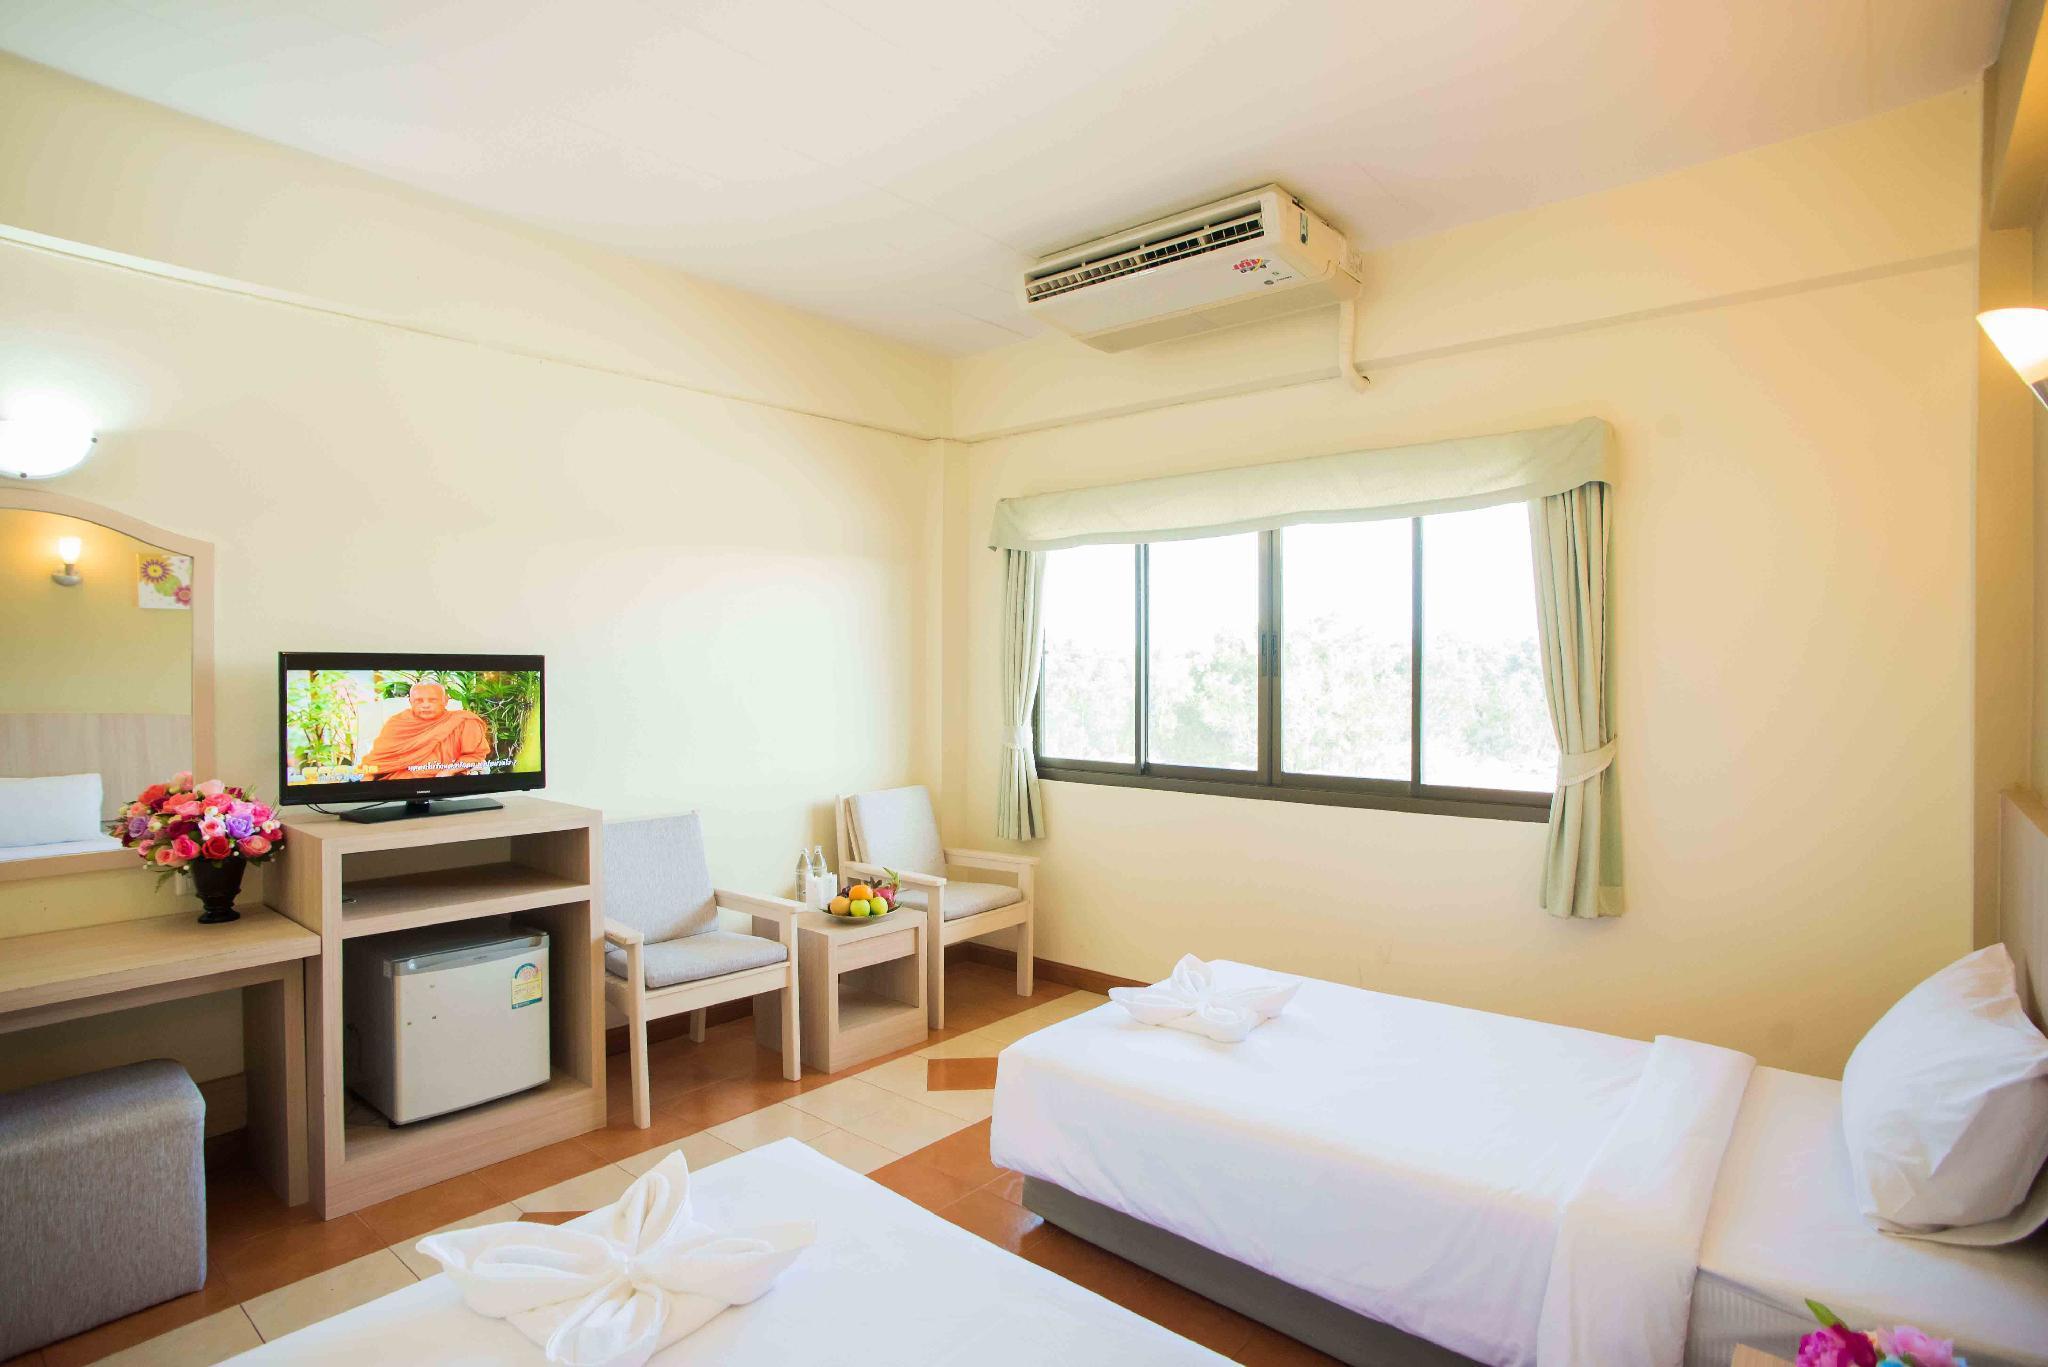 โรงแรมบรรจงบุรี